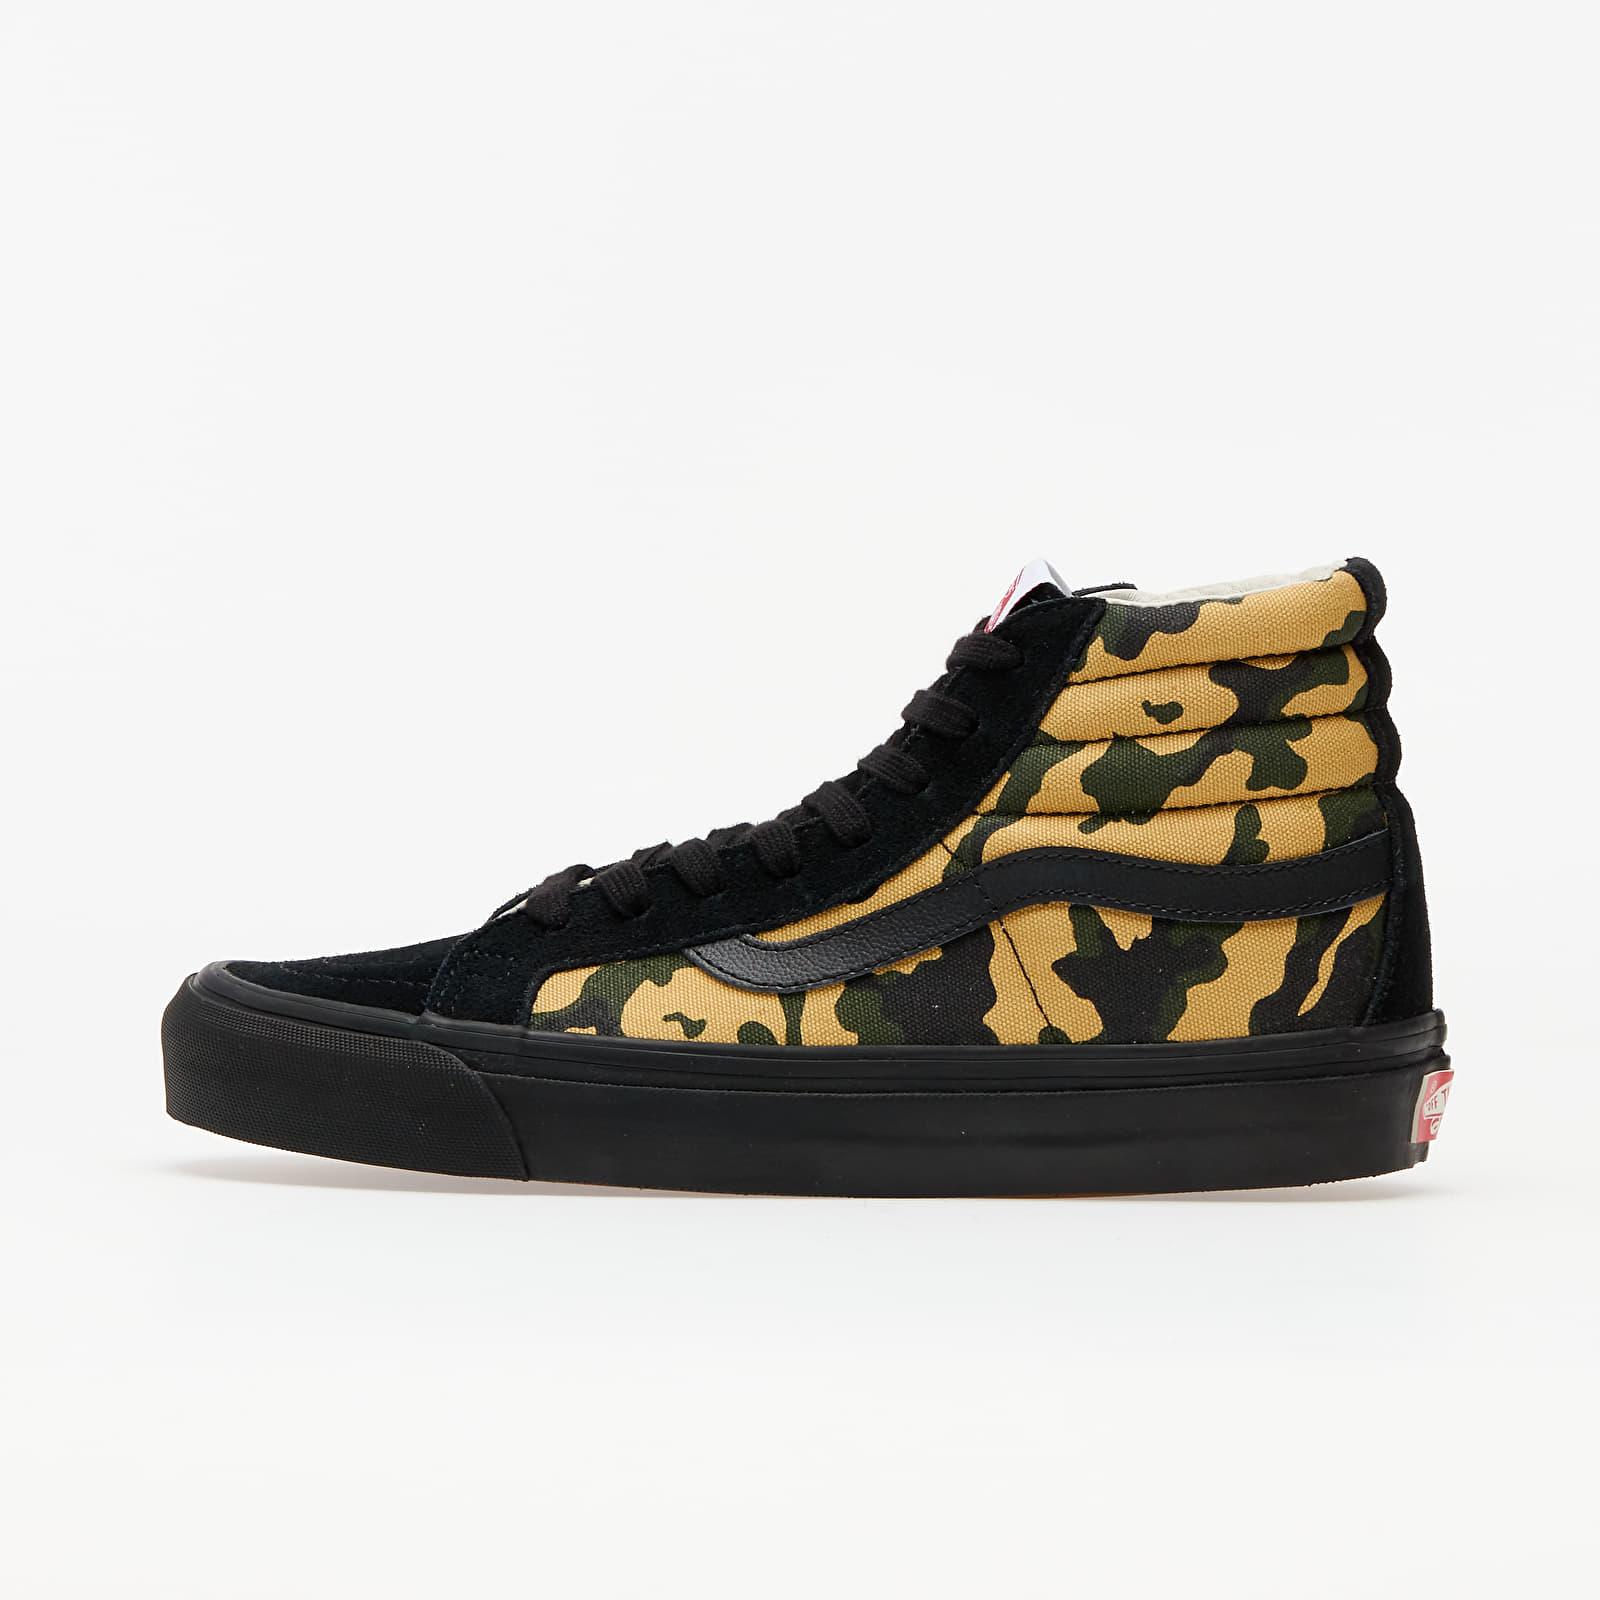 Încălțăminte și sneakerși pentru bărbați Vans OG Sk8-Hi LX (Suede/ Canvas) Camo/ Black